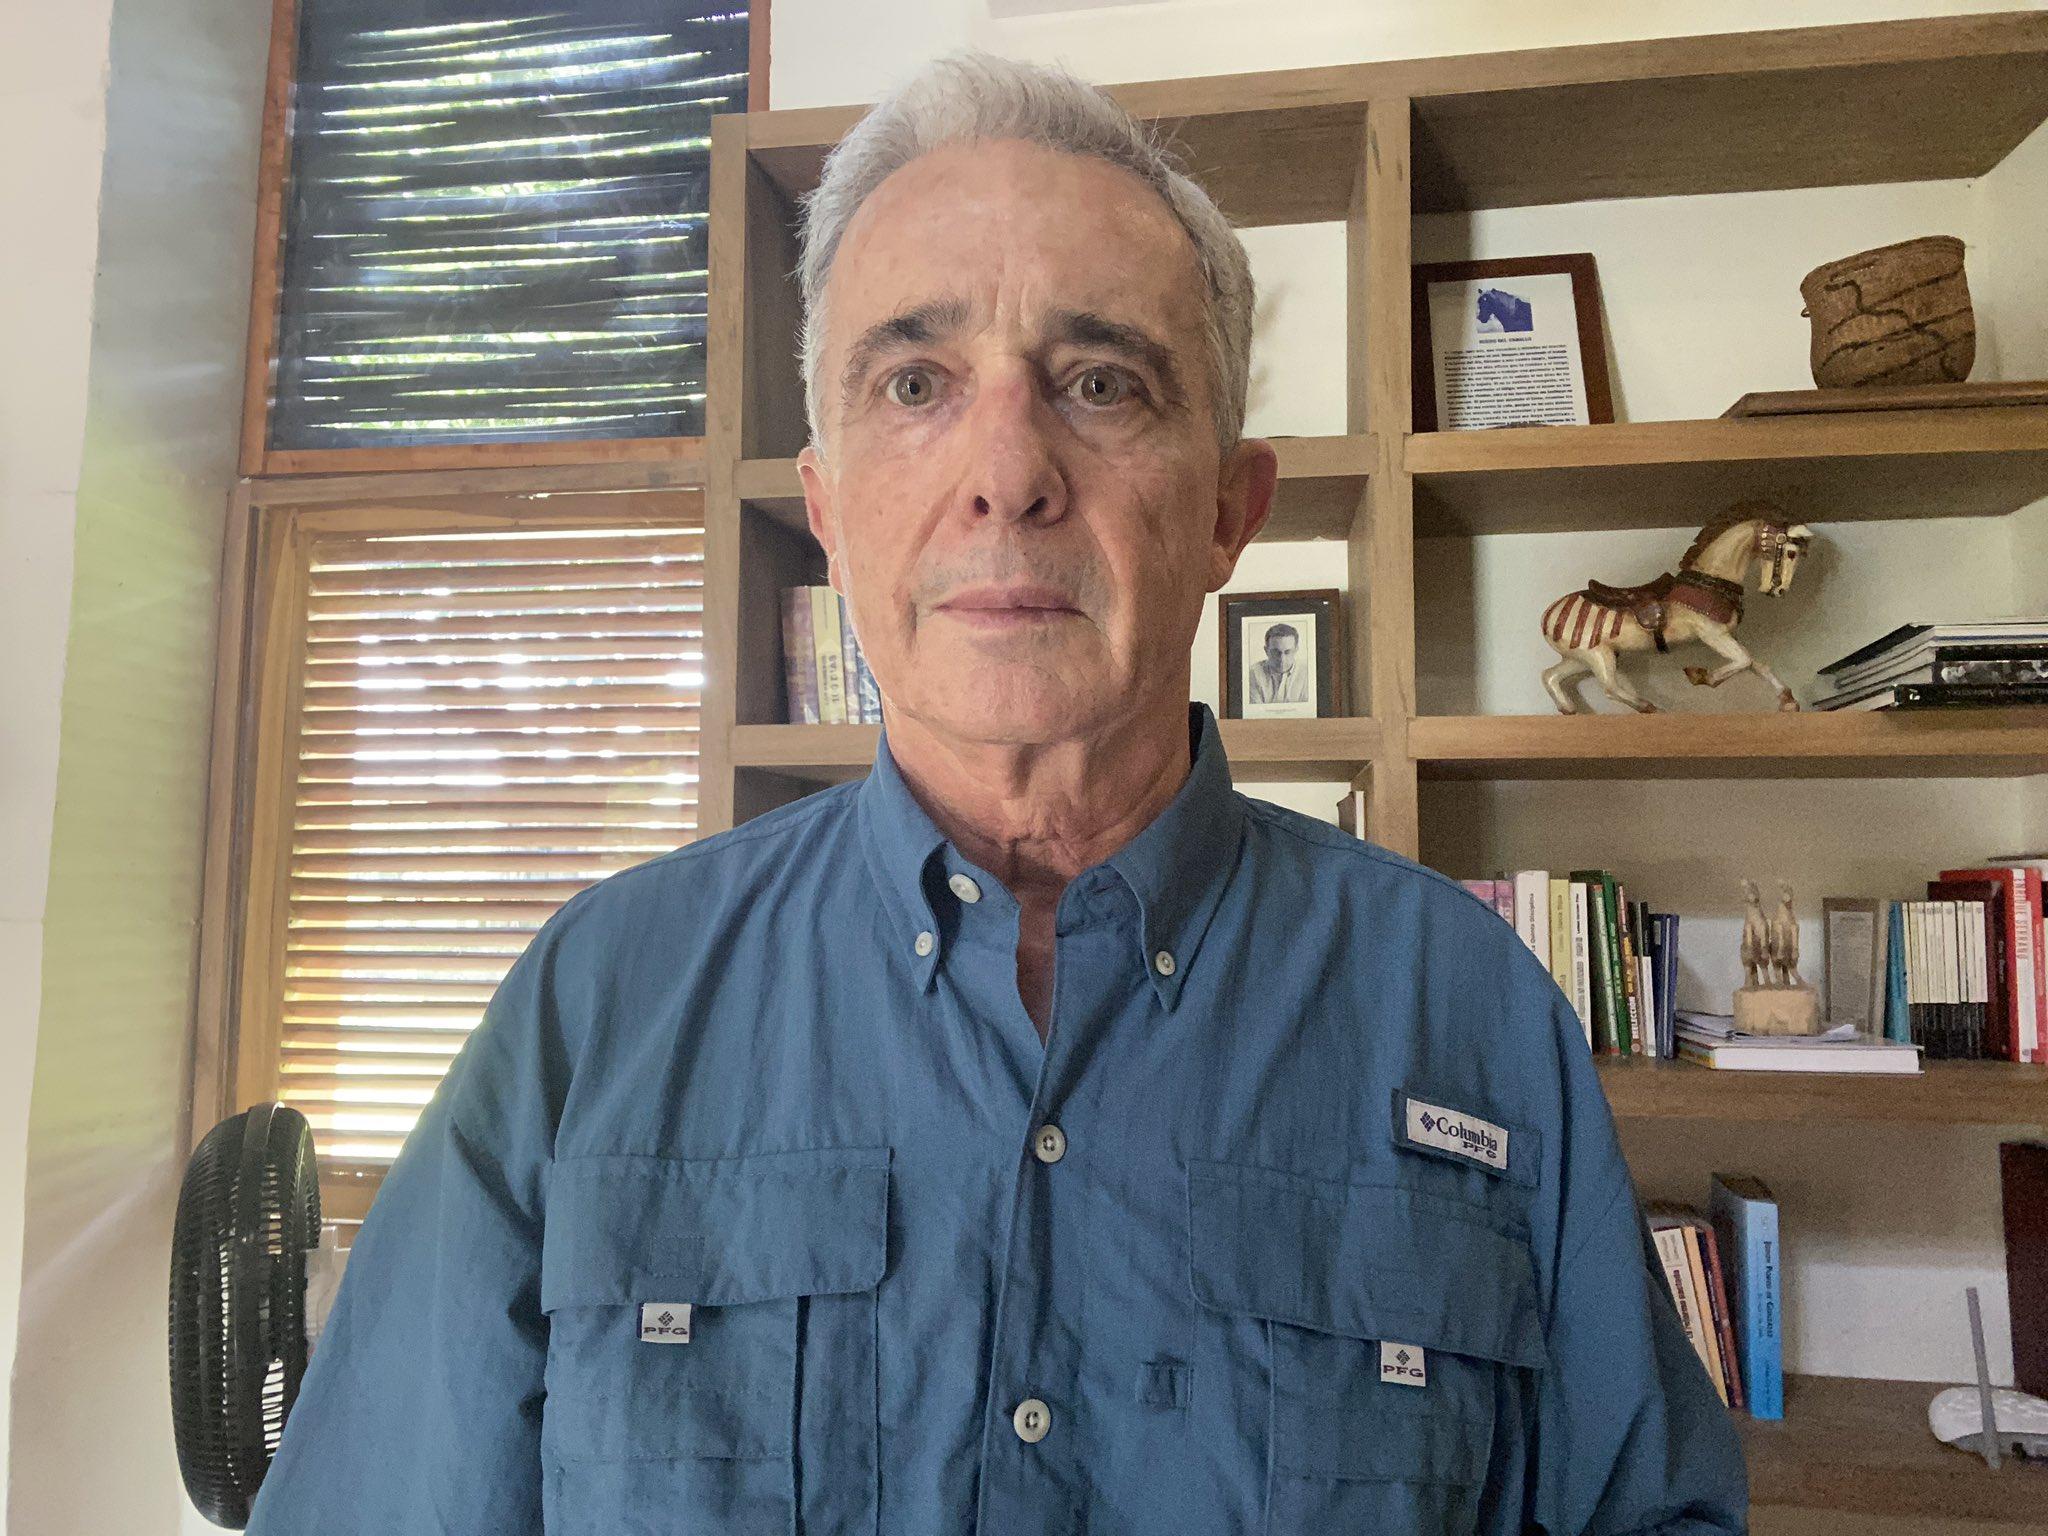 Hasta jugar el baloto: número de preso del expresidente Álvaro Uribe ha movido las redes